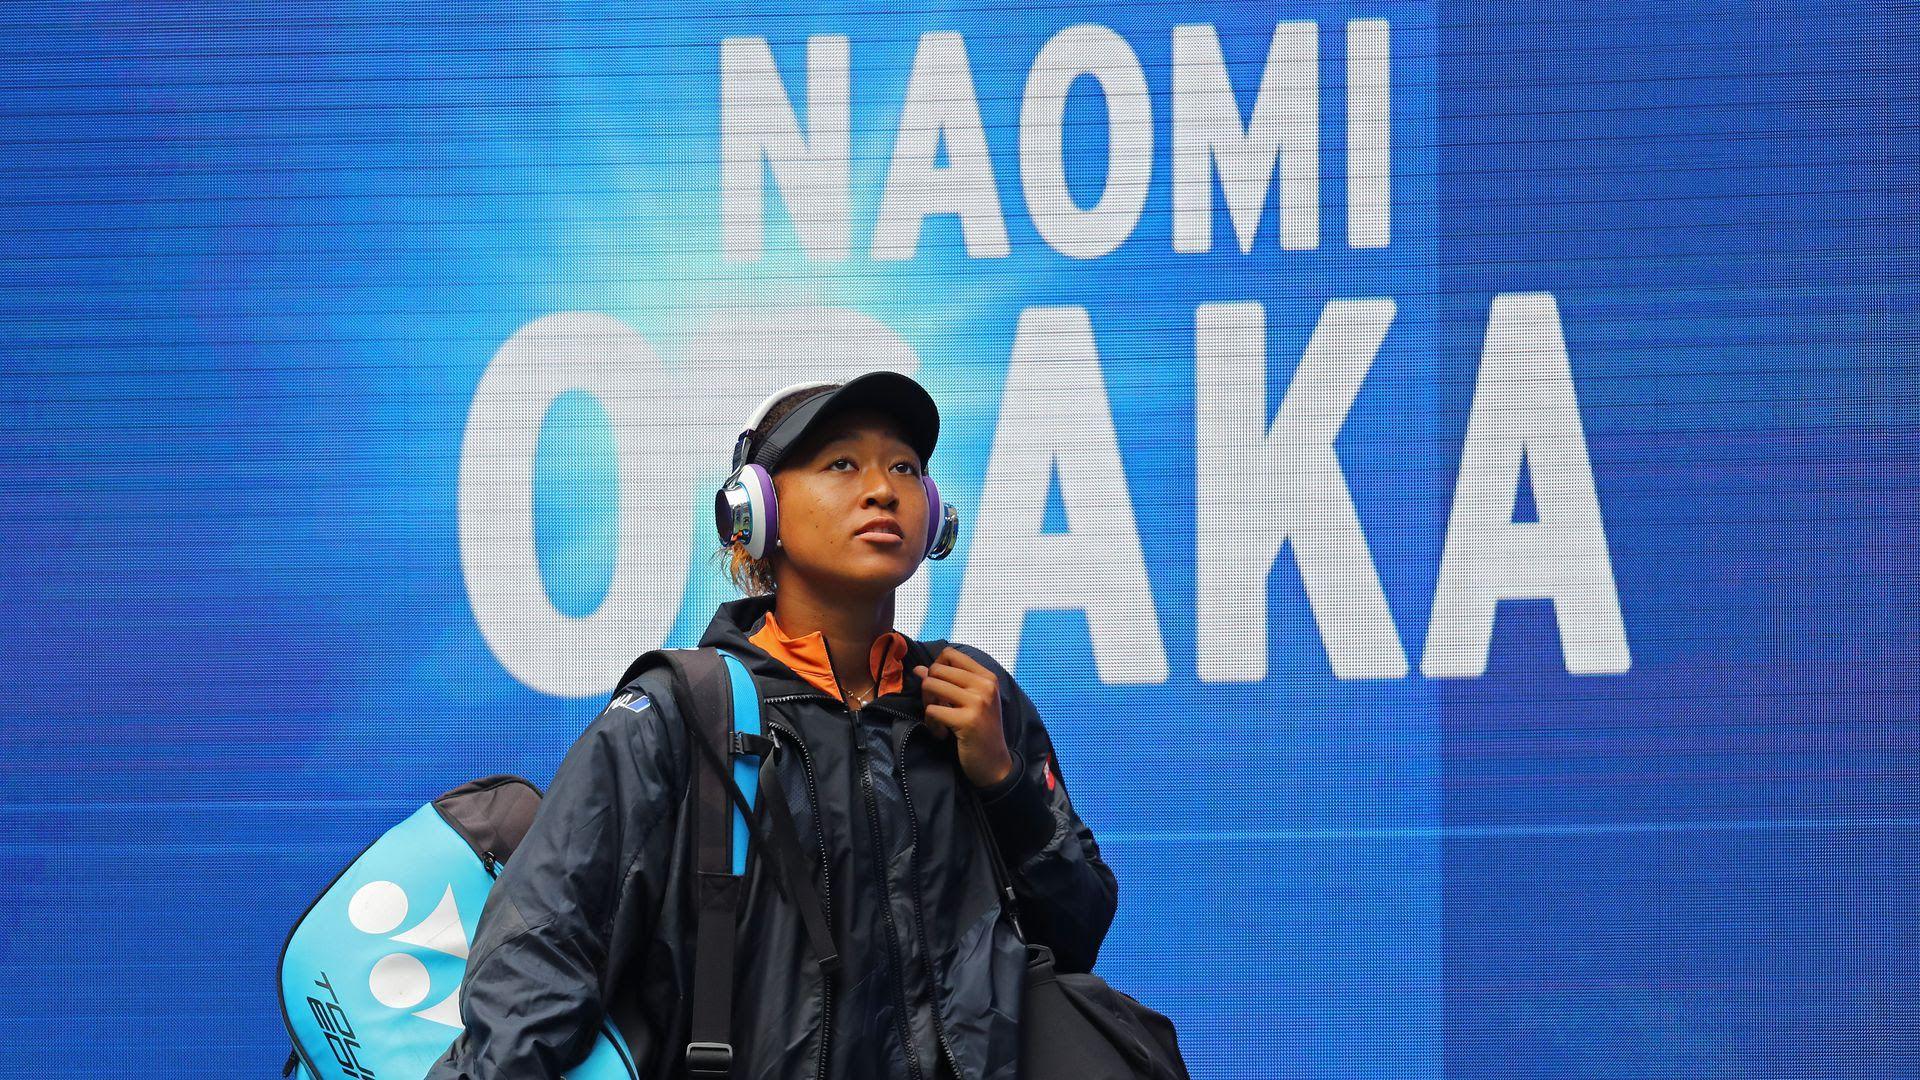 Tennis player Naomi Osaka